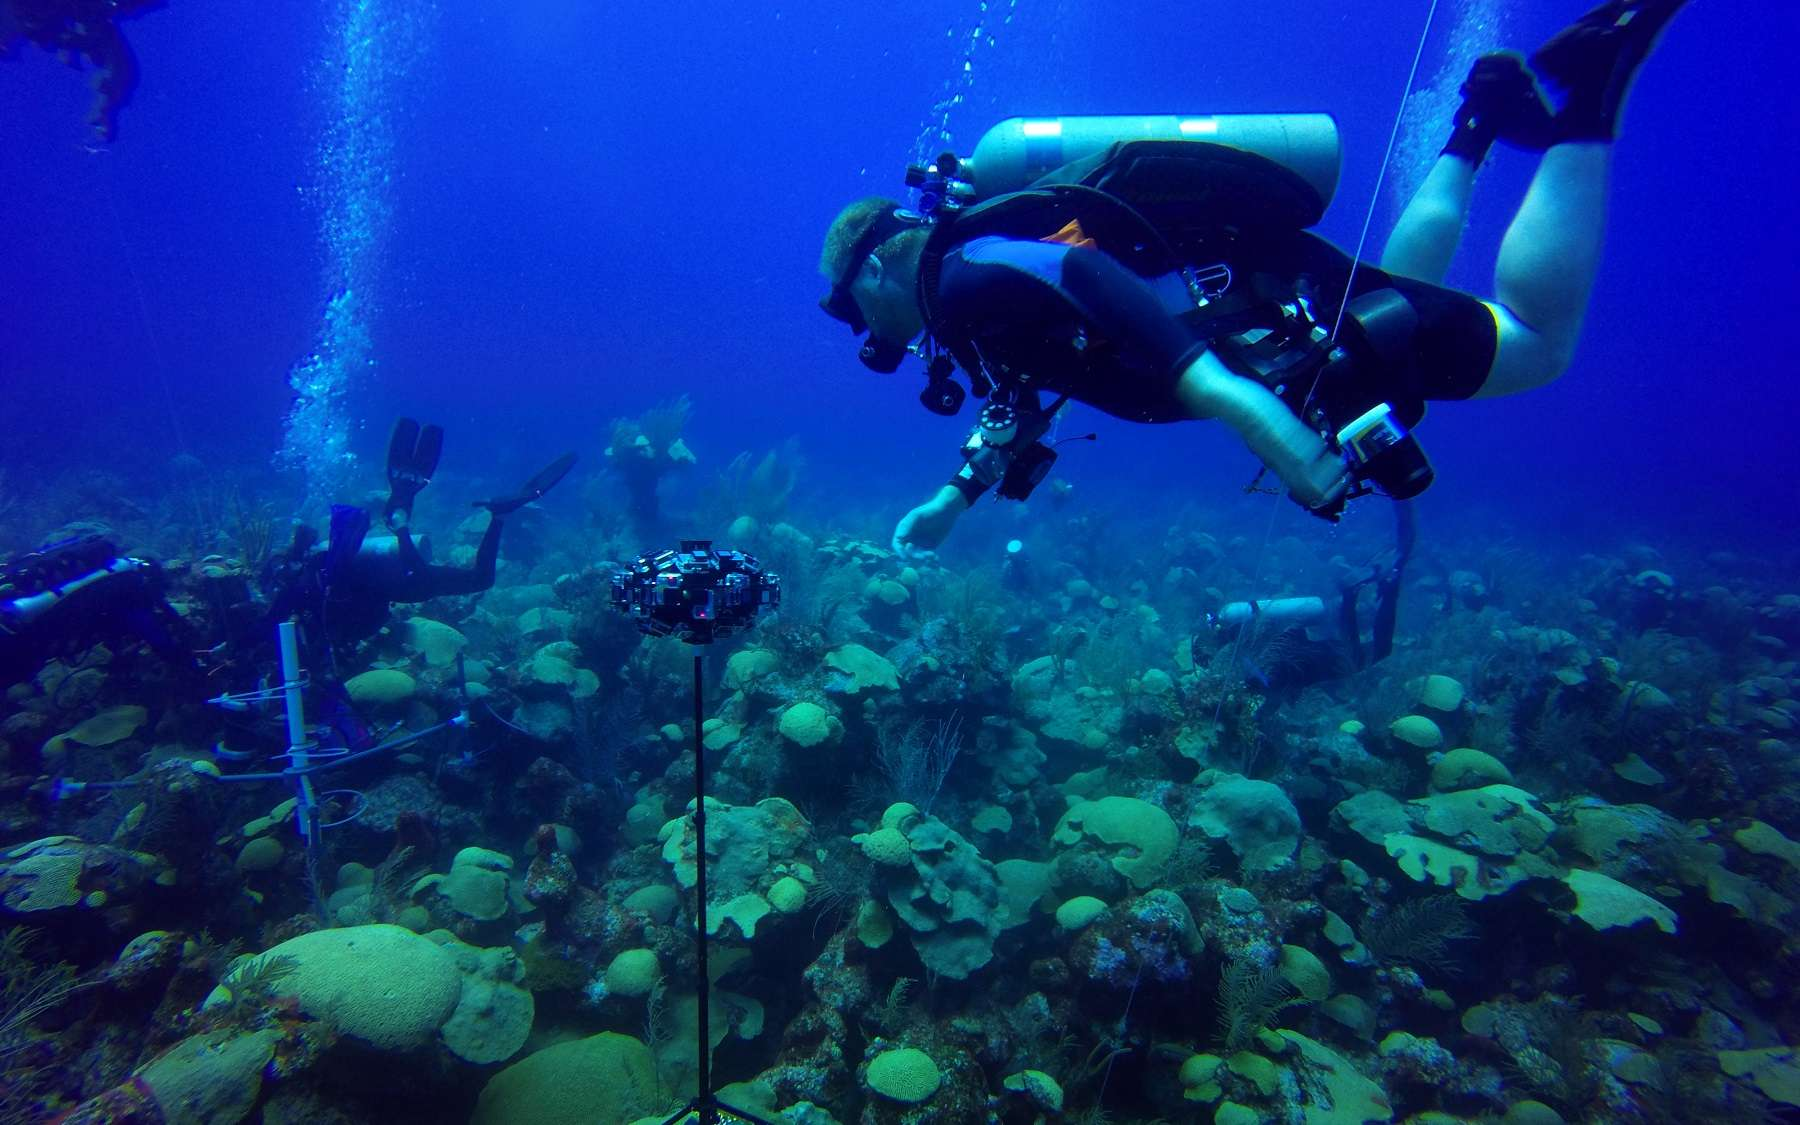 Une équipe de plongeurs étudie les fonds sous-marins. © Nekton 2018